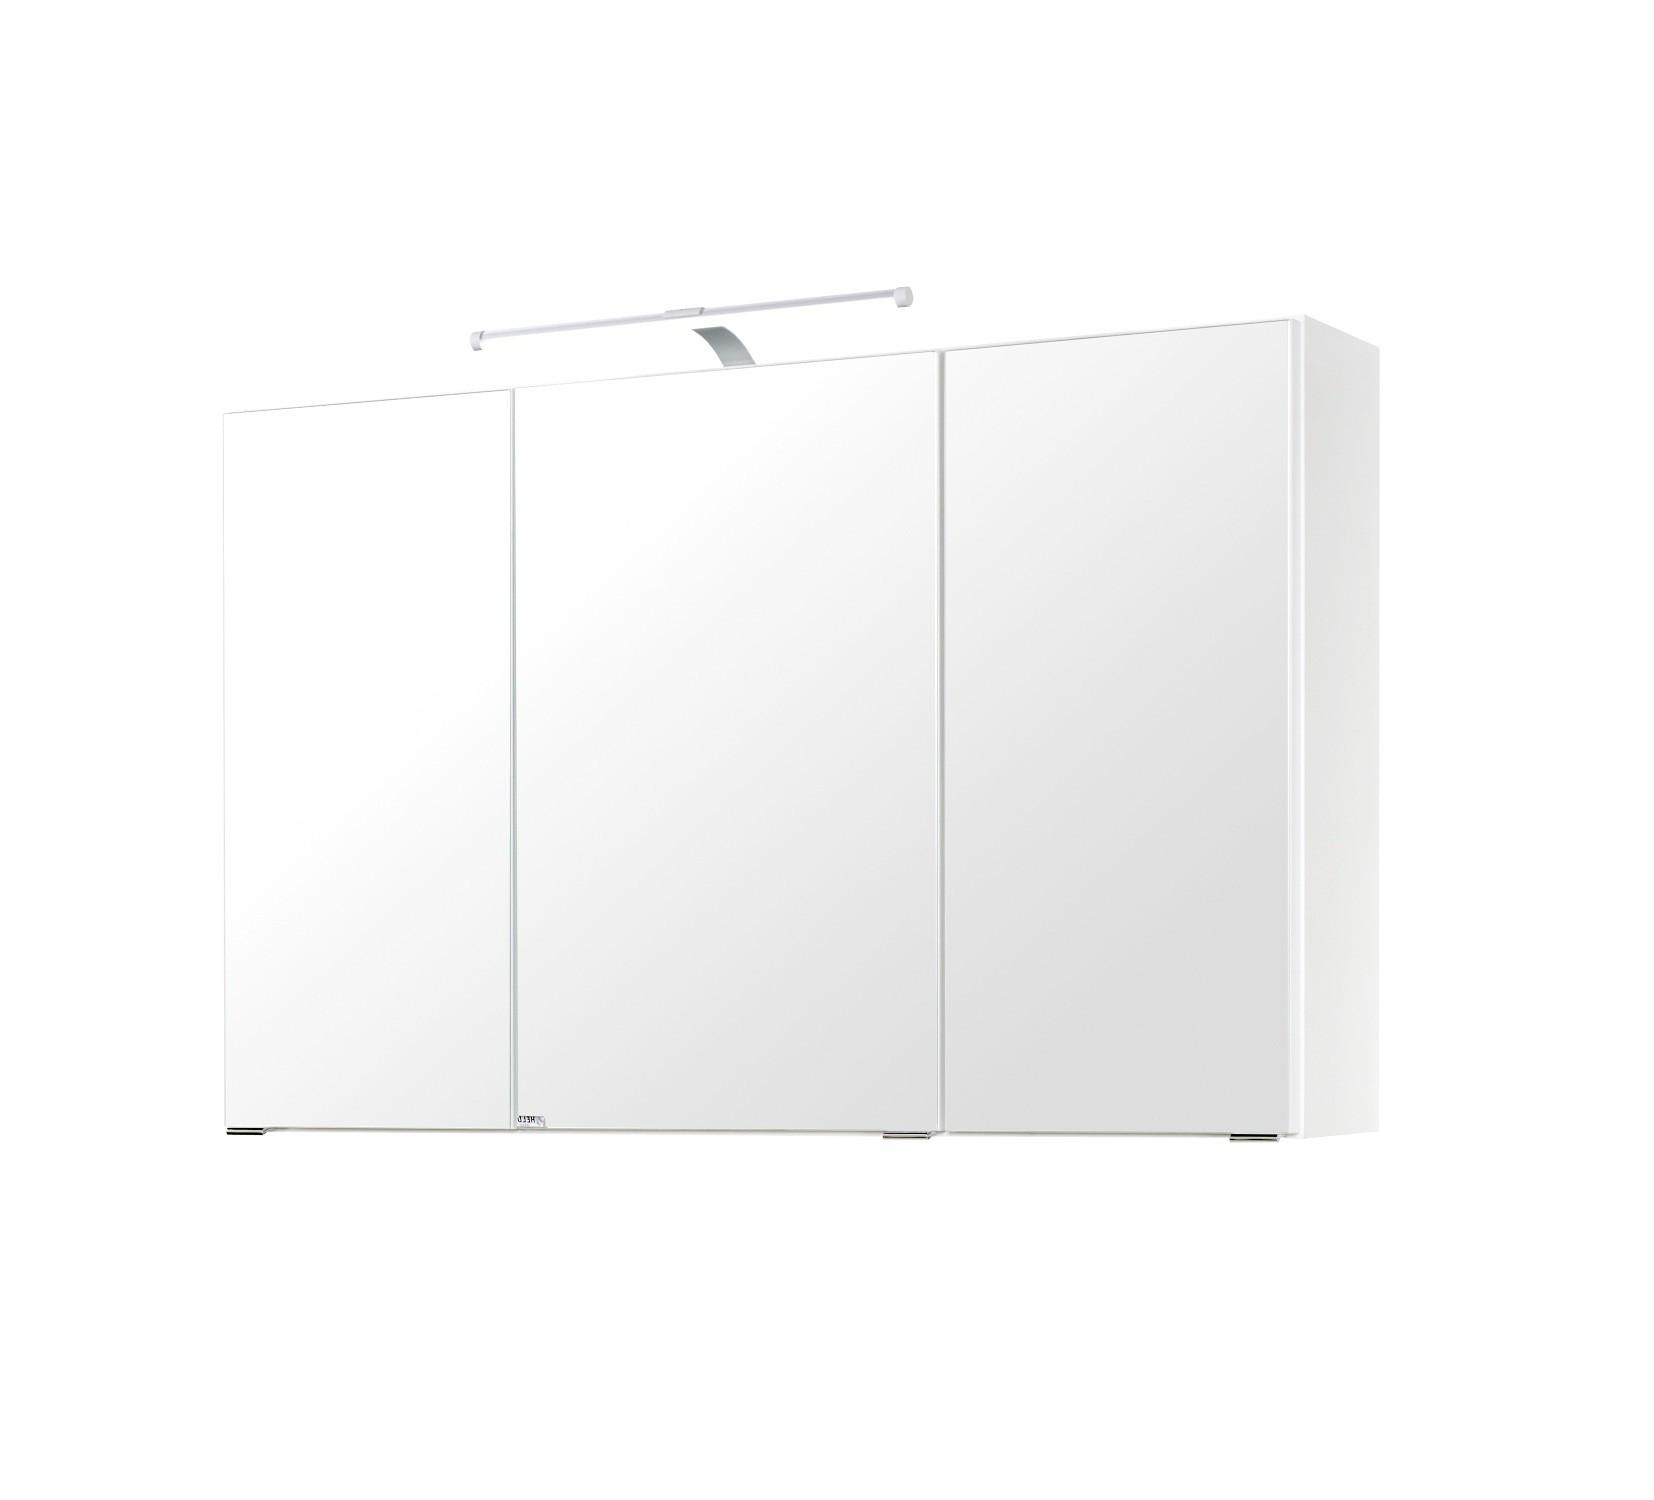 badm bel set florida mit waschtisch und spiegelschrank 7 teilig 180 cm breit hochglanz. Black Bedroom Furniture Sets. Home Design Ideas